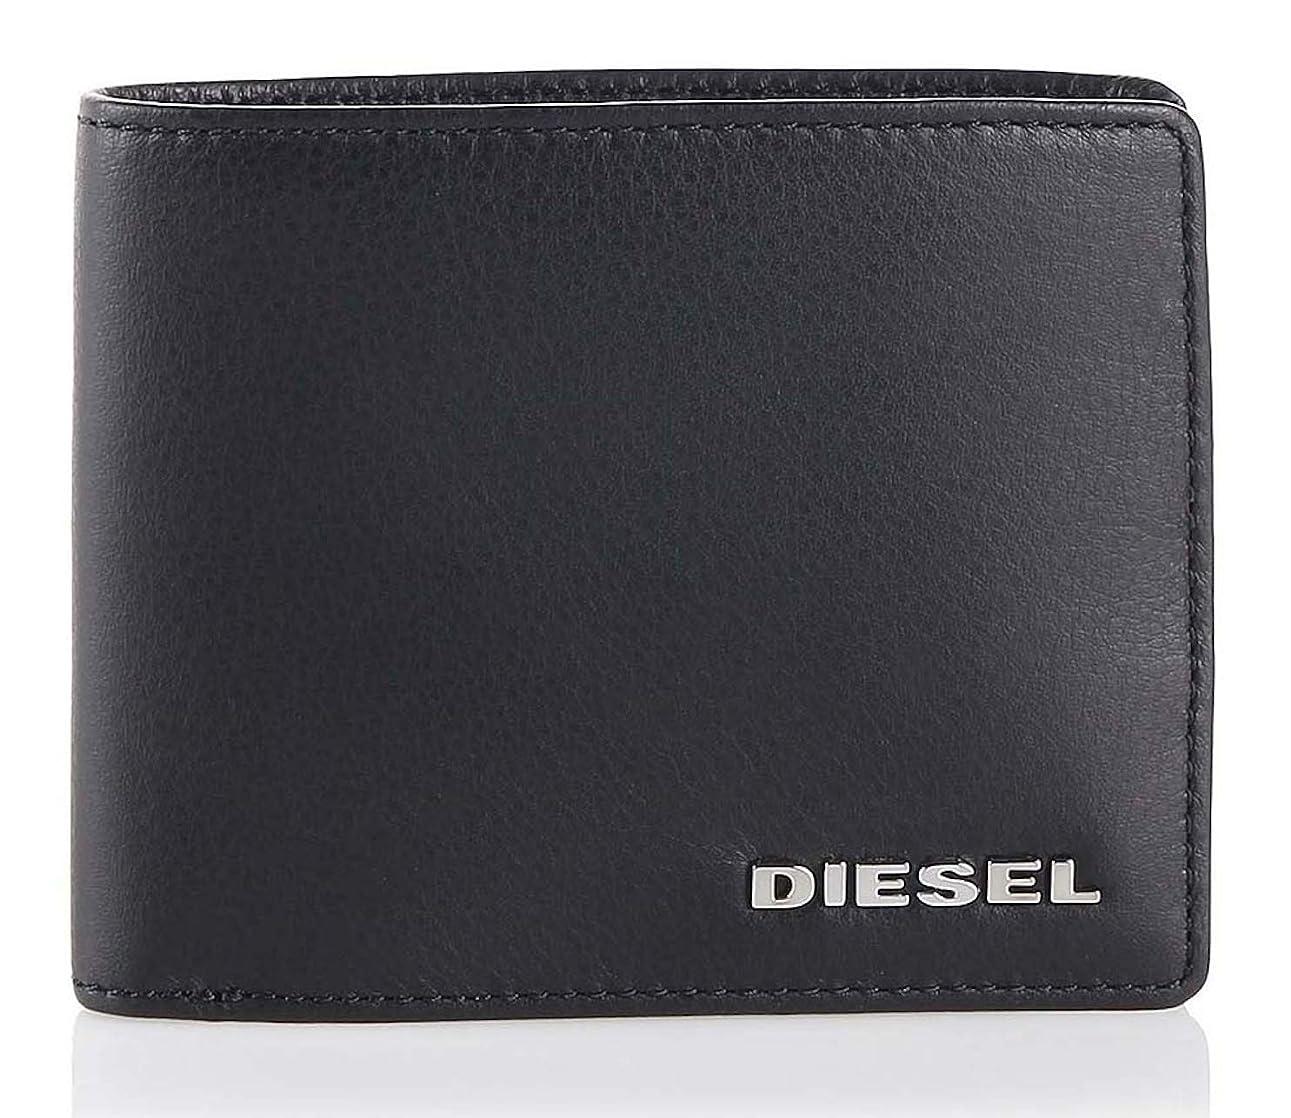 シティ膨らみ返還Diesel ACCESSORY メンズ US サイズ: One Size カラー: ブラック